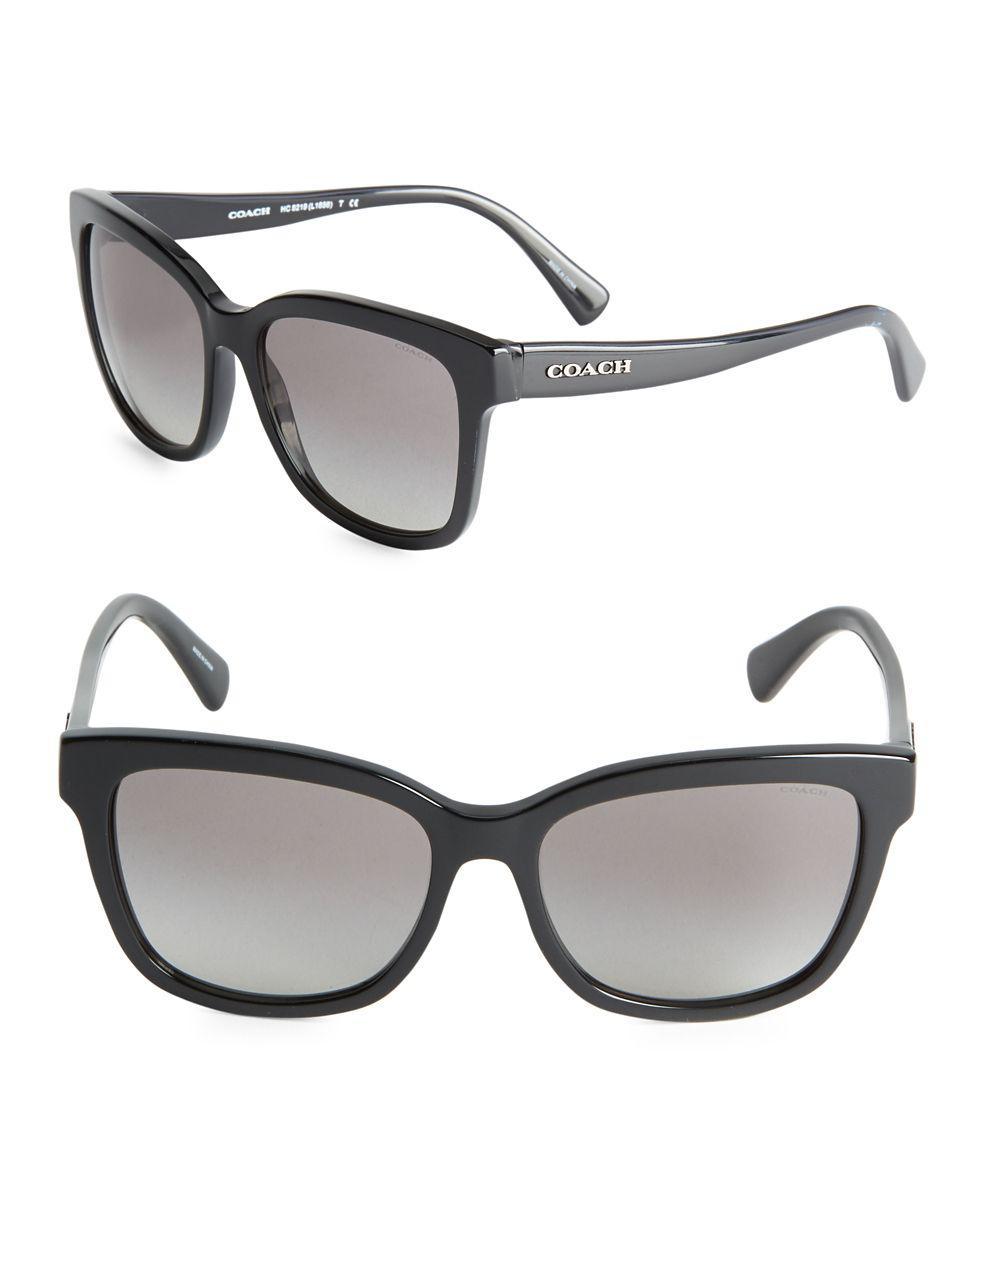 e49c17c05123 COACH 56mm Wayfarer Sunglasses in Black - Lyst